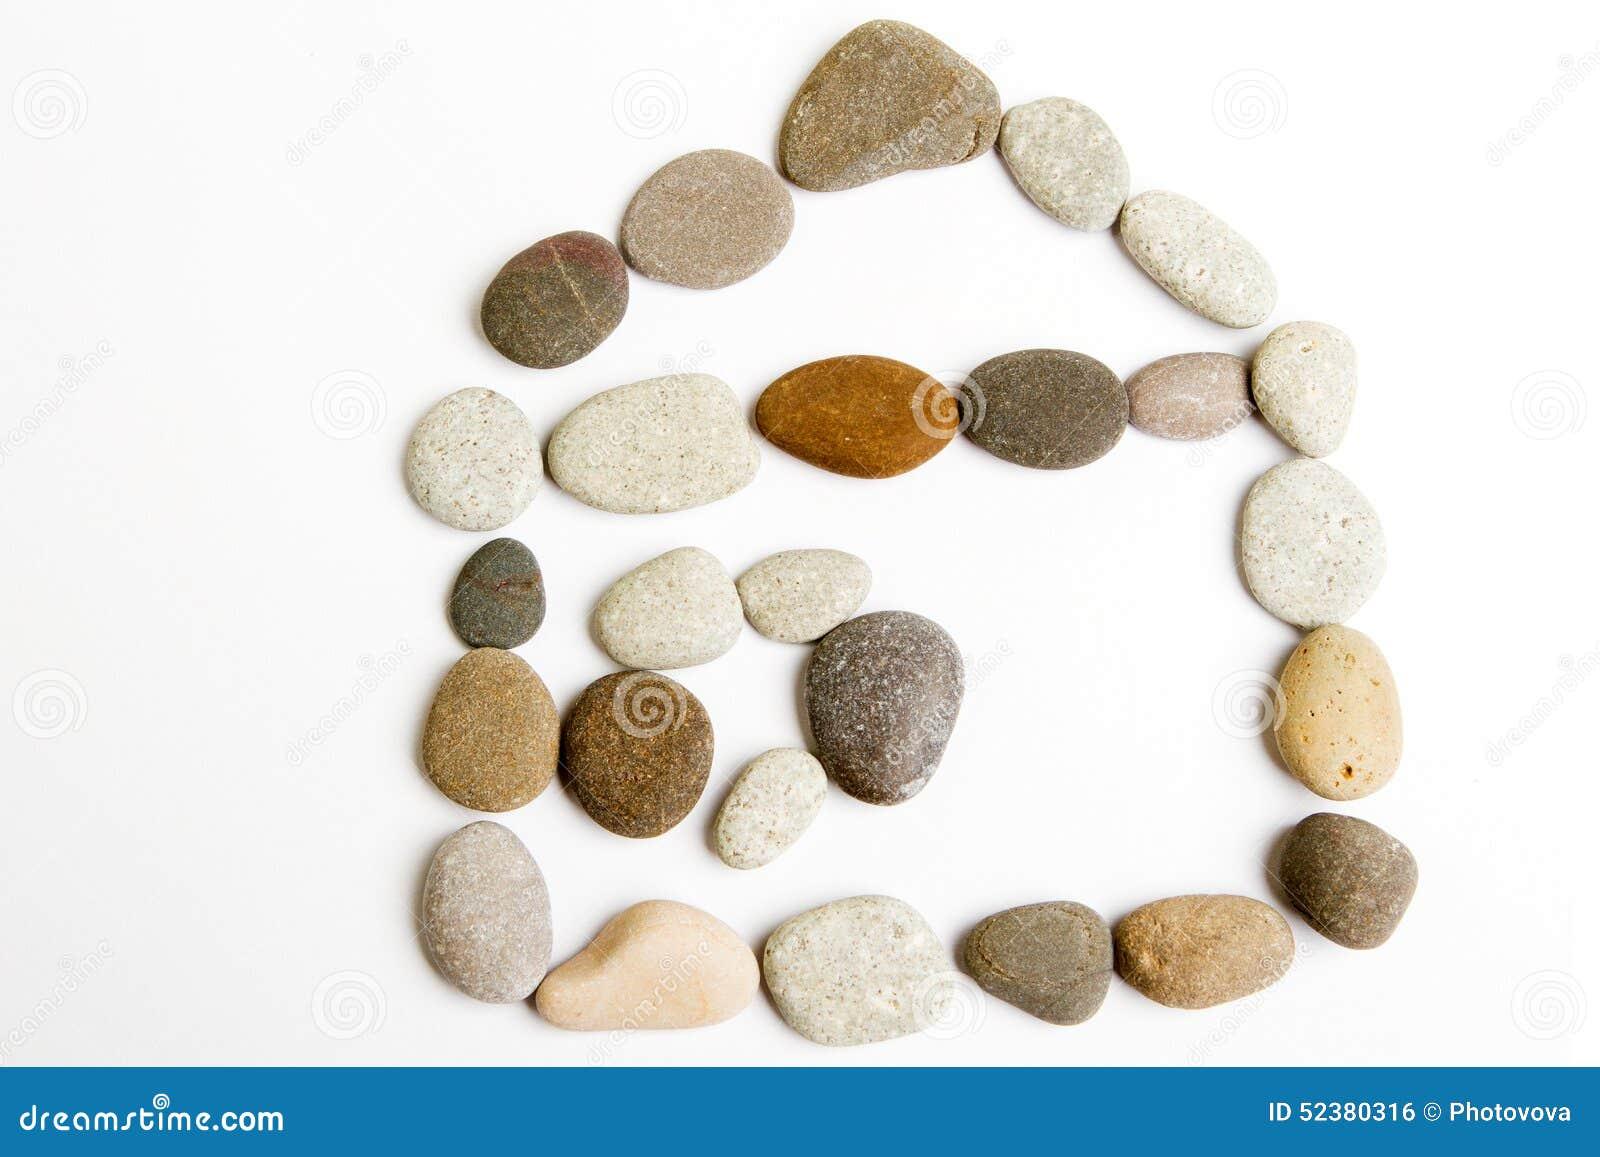 Dibujo en piedra image gallery piedras dibujo - Dibujos de piedras ...